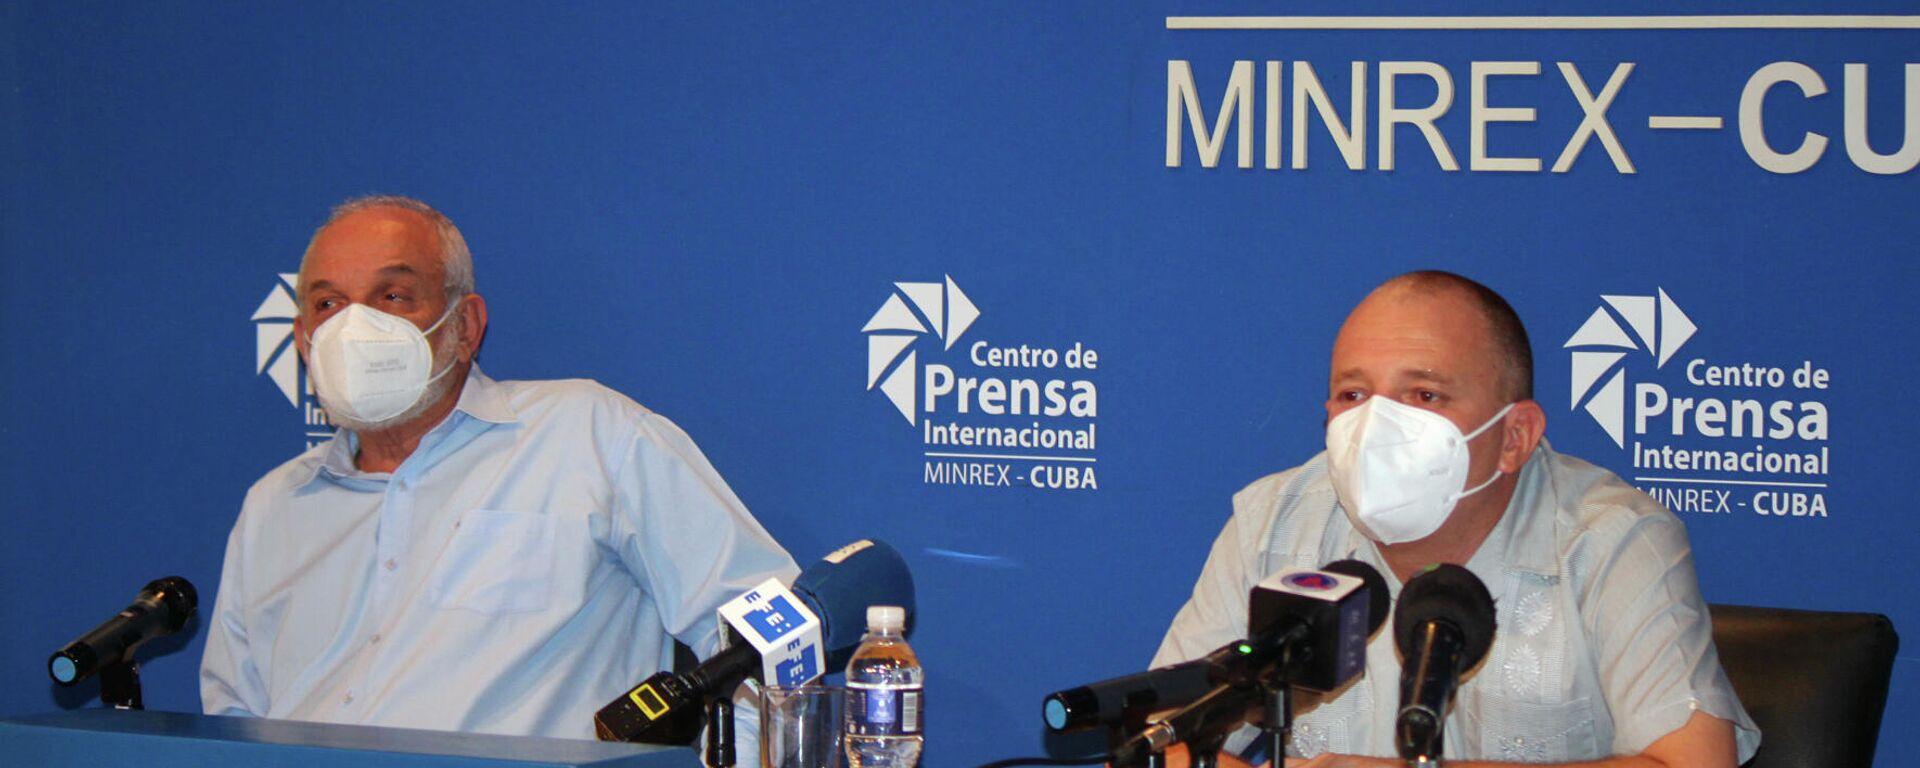 Humberto Fabián Suárez y Onelio Castillo, miembros del grupo de trabajo para la creación del Instituto de Información y Comunicación Social, de Cuba - Sputnik Mundo, 1920, 26.08.2021